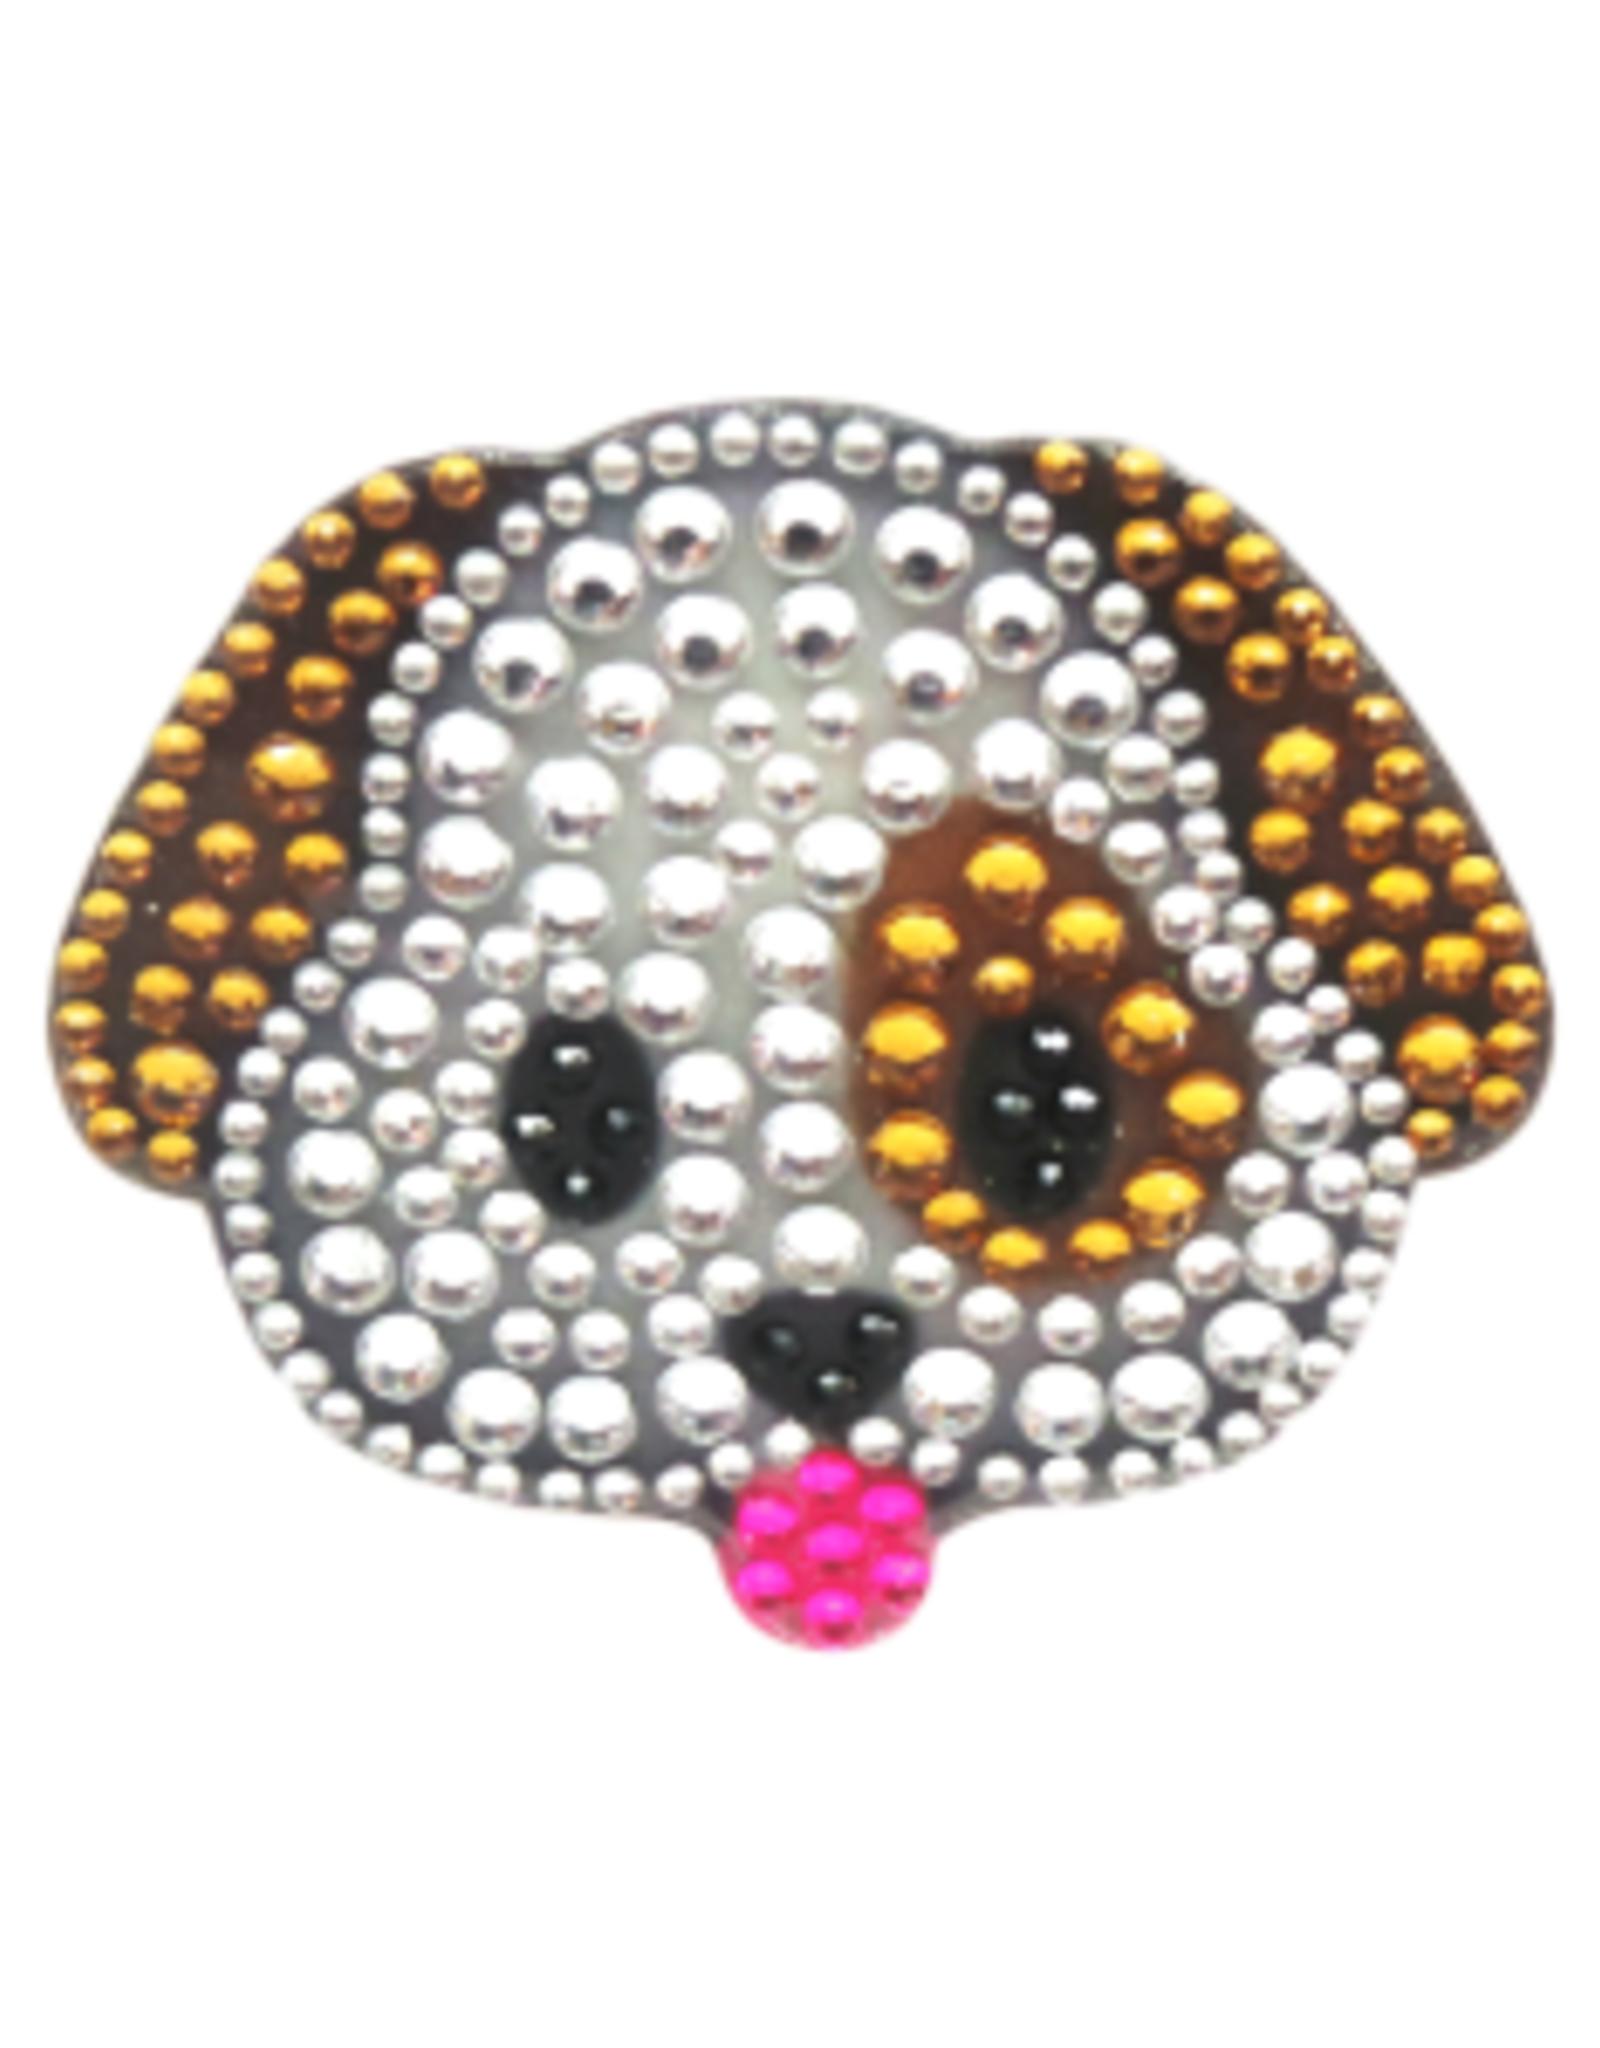 Sticker Beans Sticker Bean Puppy